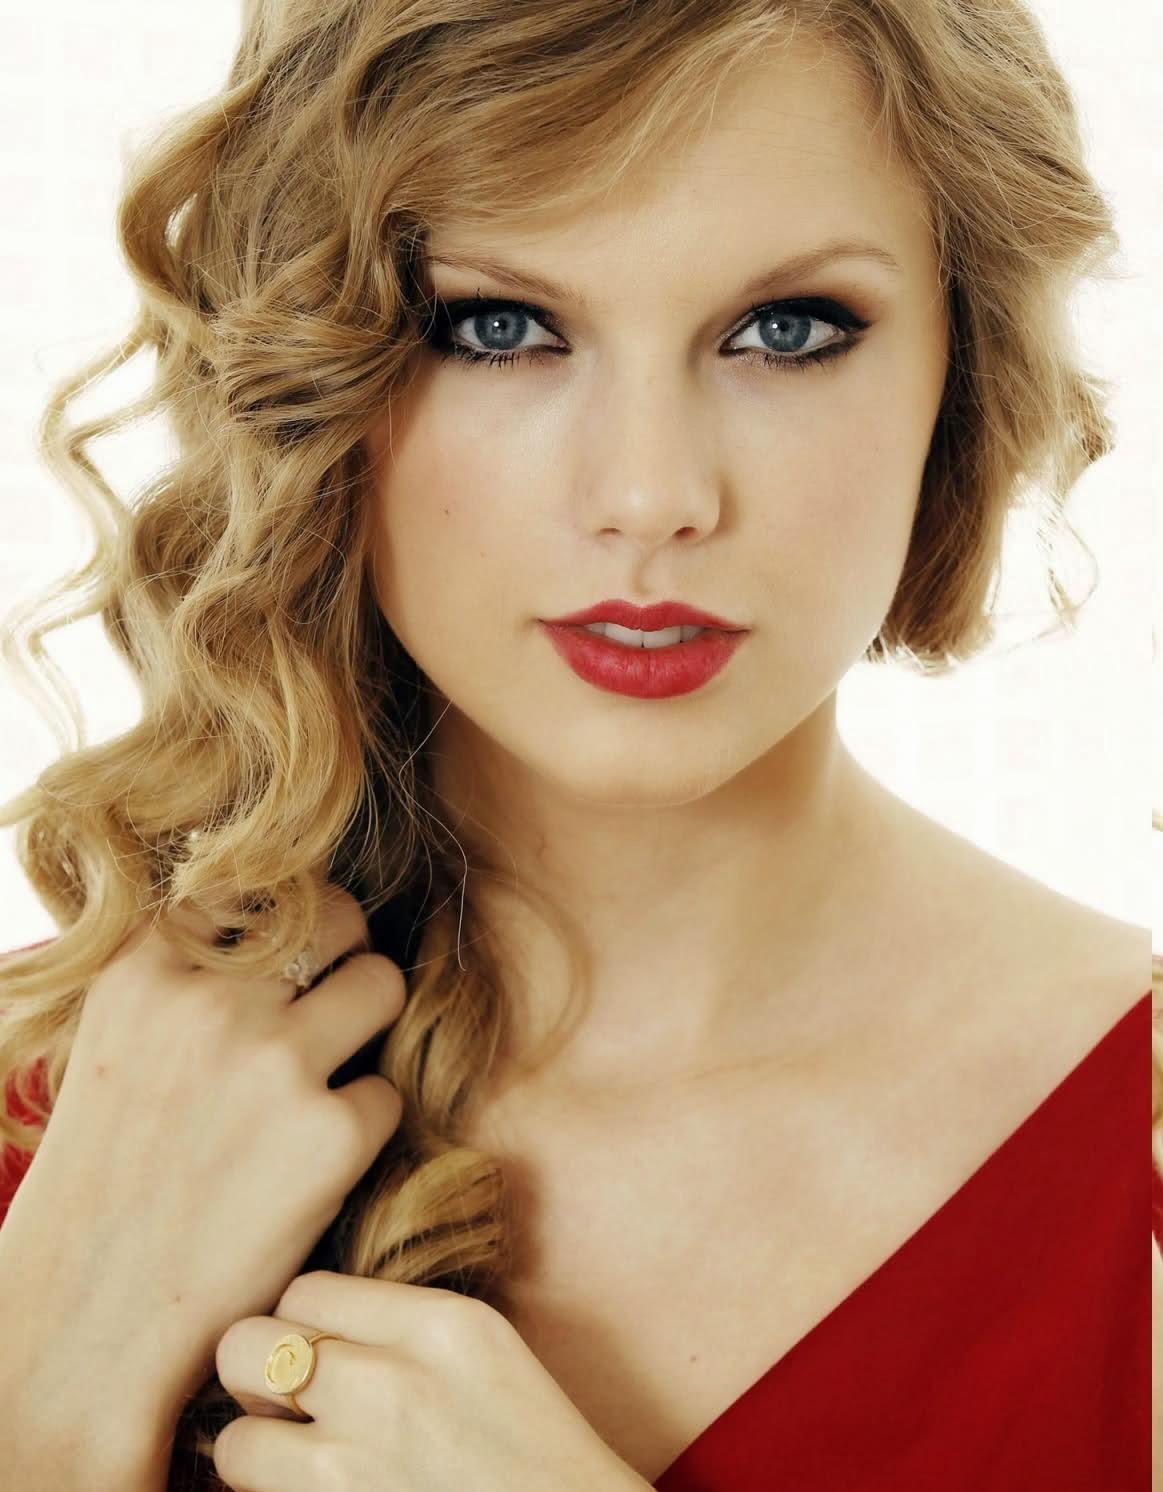 El Recuerdo De Harry Styles Y Taylor Swift Persigue A Taylor - Magazine cover